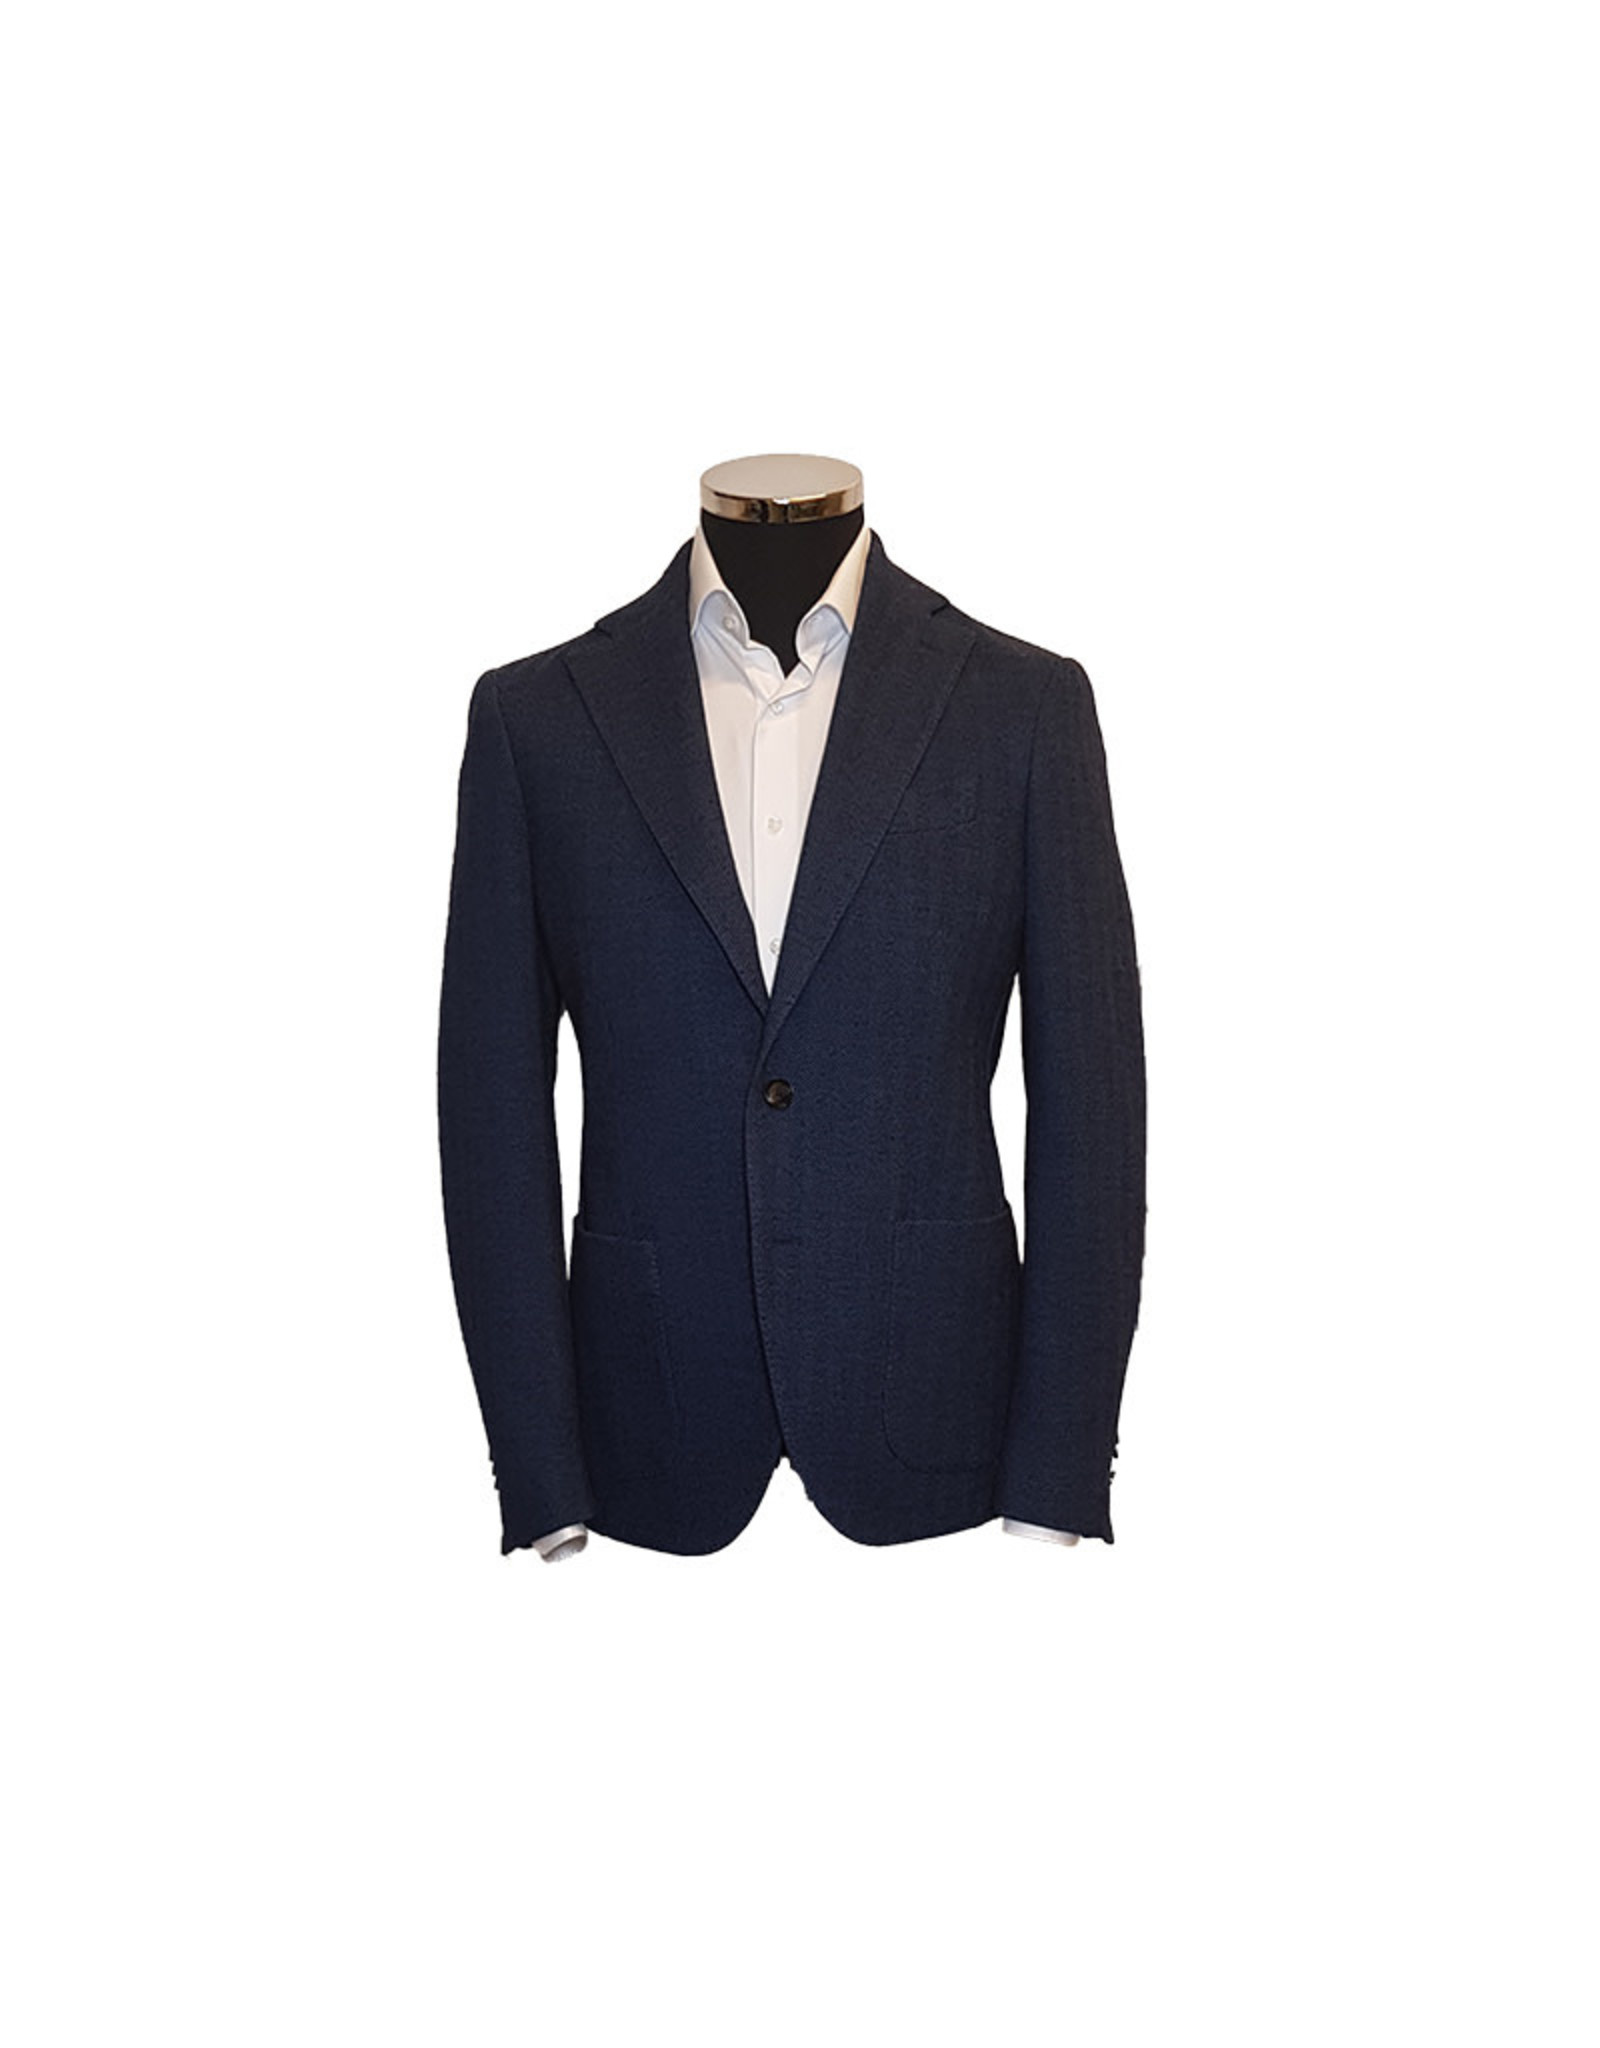 Latorre Gabiati vest blauw visgraat jersey Maglie JA1103/3